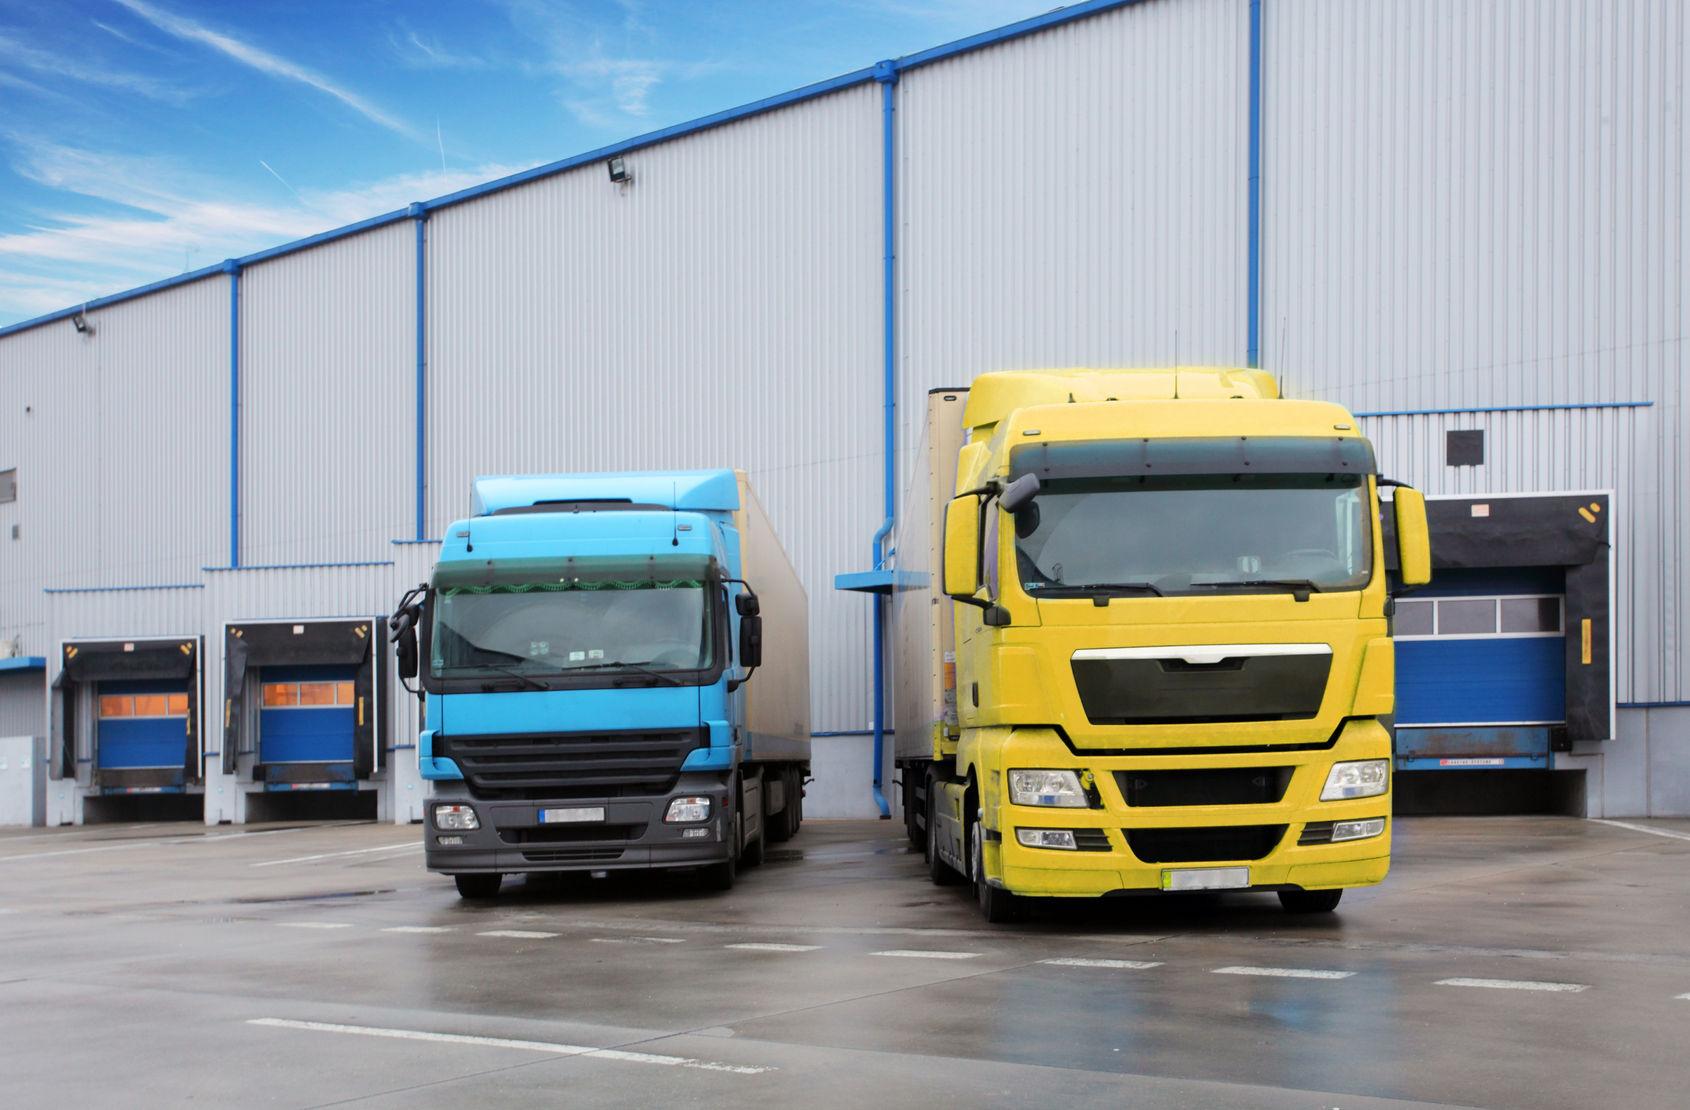 Vrachtwagen bij opslag distributiecentrum